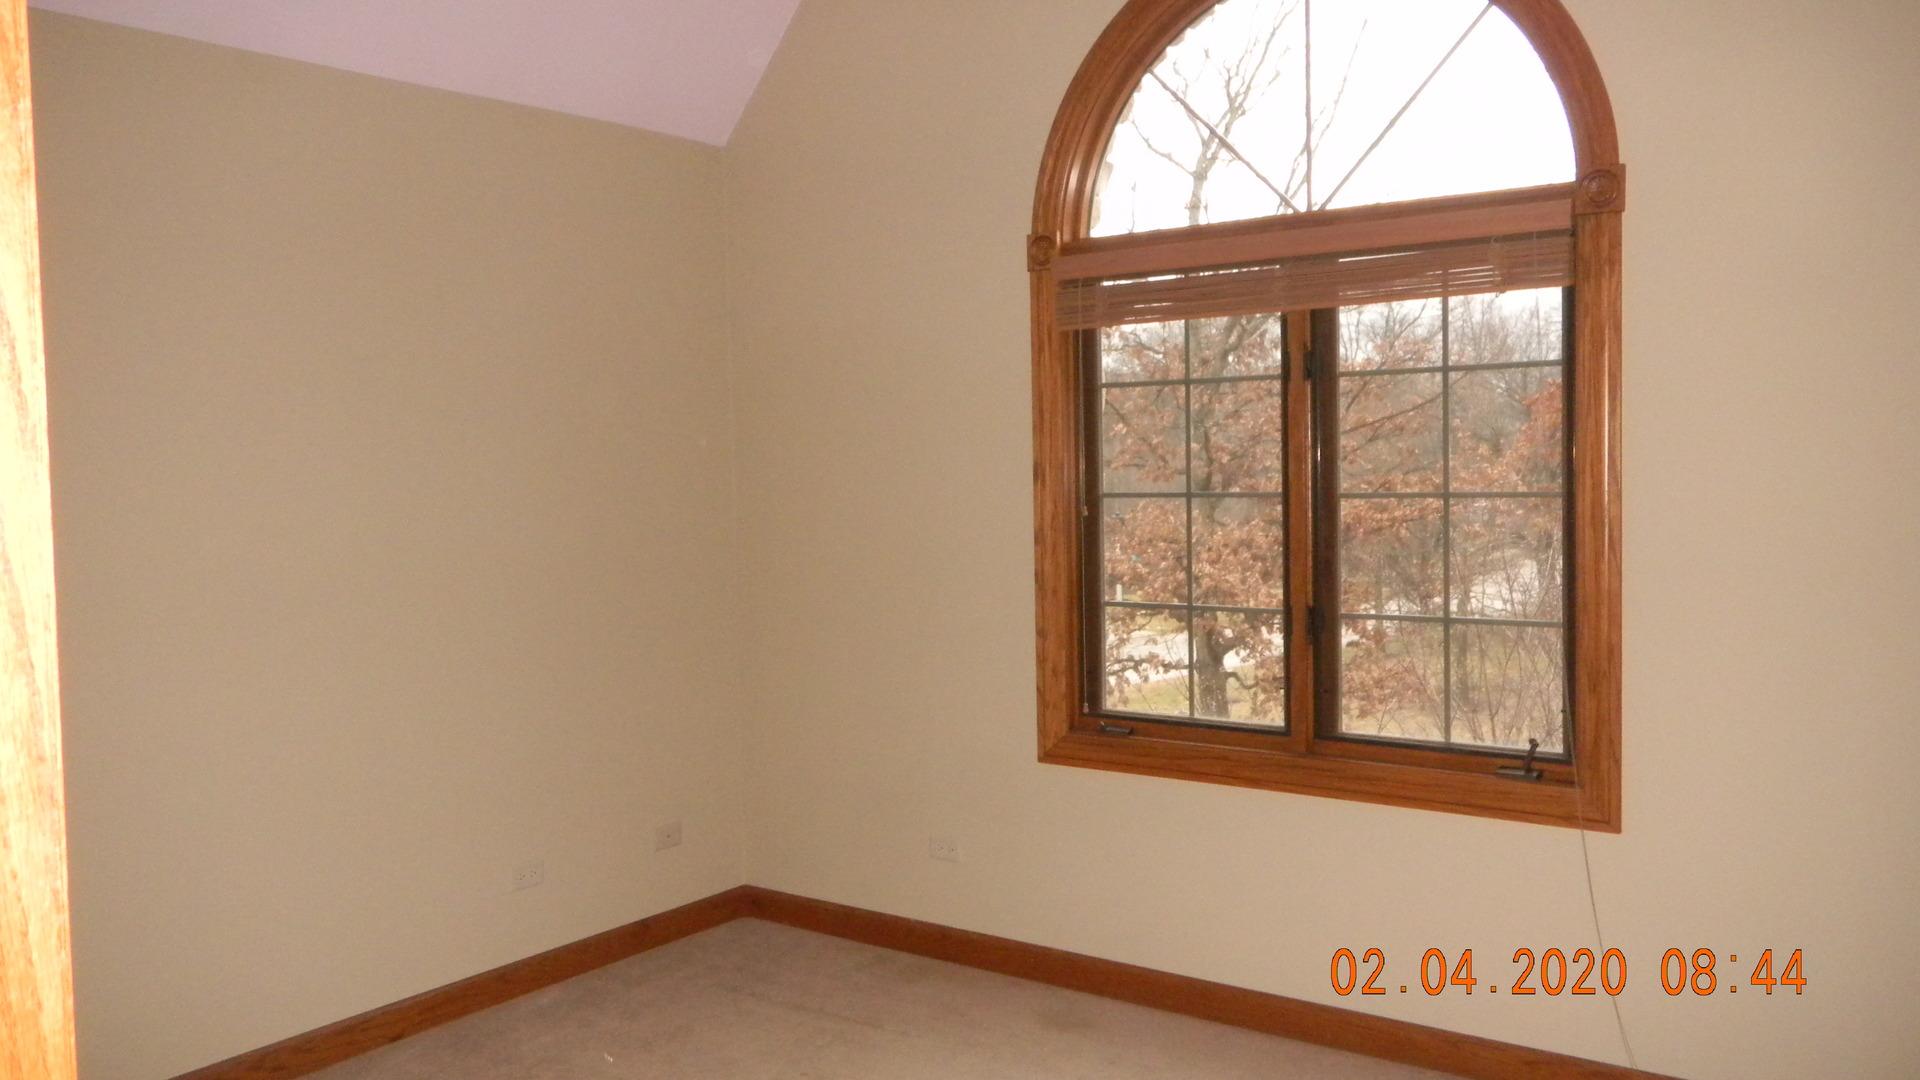 16125 Wildwood, Homer Glen, Illinois, 60491